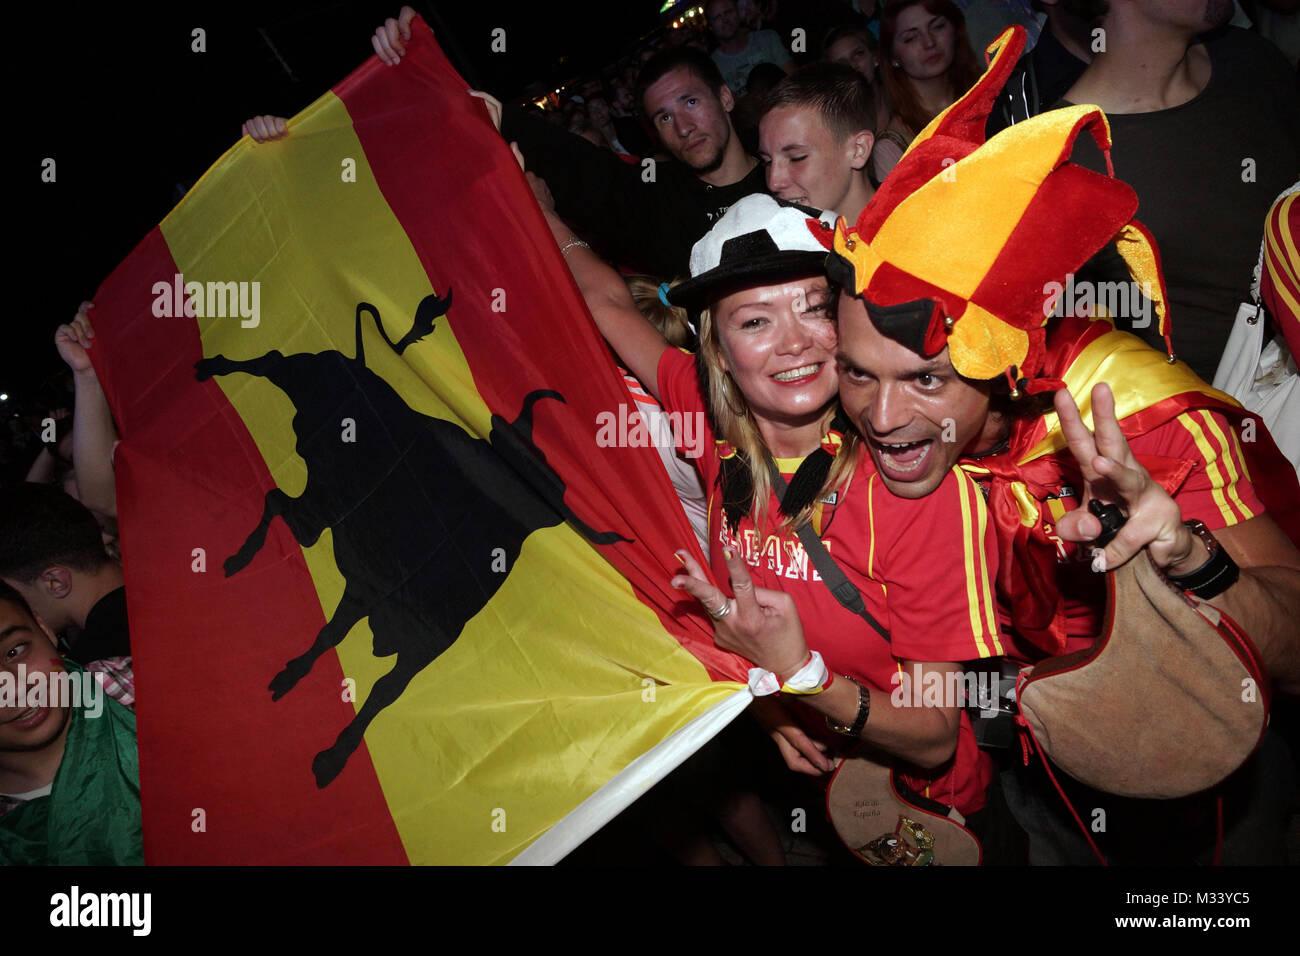 Laut jubelnde Fußballfans beim Sieg von Spanien gegen Italien an der Fanmeile zur Europameisterschaft 2012 am Brandenburger Tor à Berlin. Banque D'Images